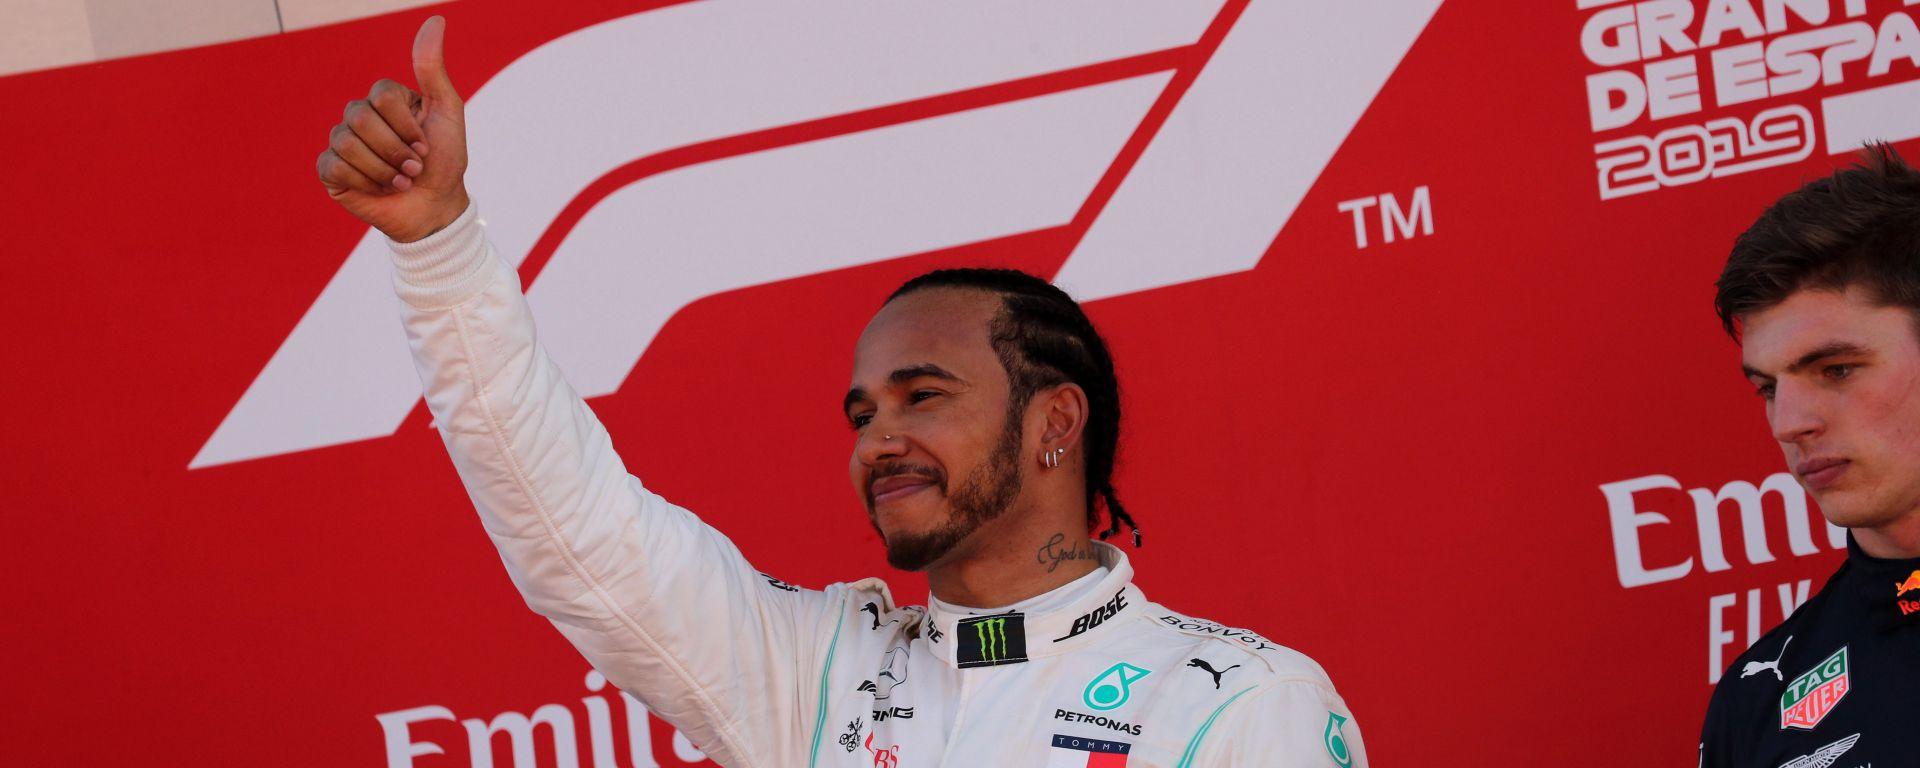 Hamilton trionfante sul podio